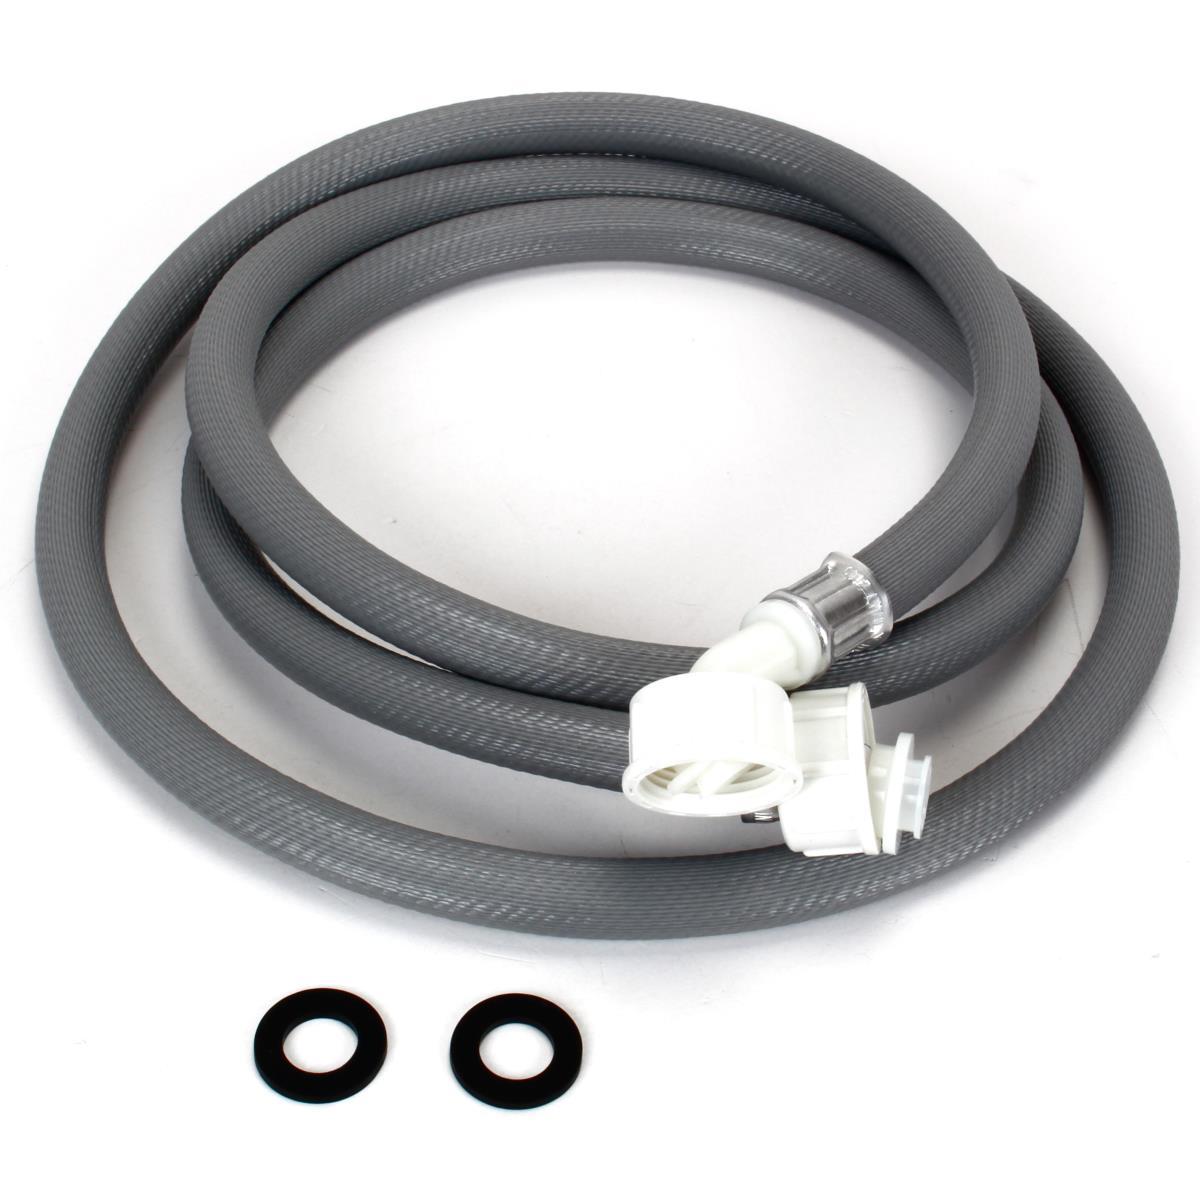 """Wasserschlauch 1,5m Zulauf 3/4"""" Kaltwasser Waschmaschine Spülmaschine 20 bar,W-Line,4560-150, 4750898030233"""